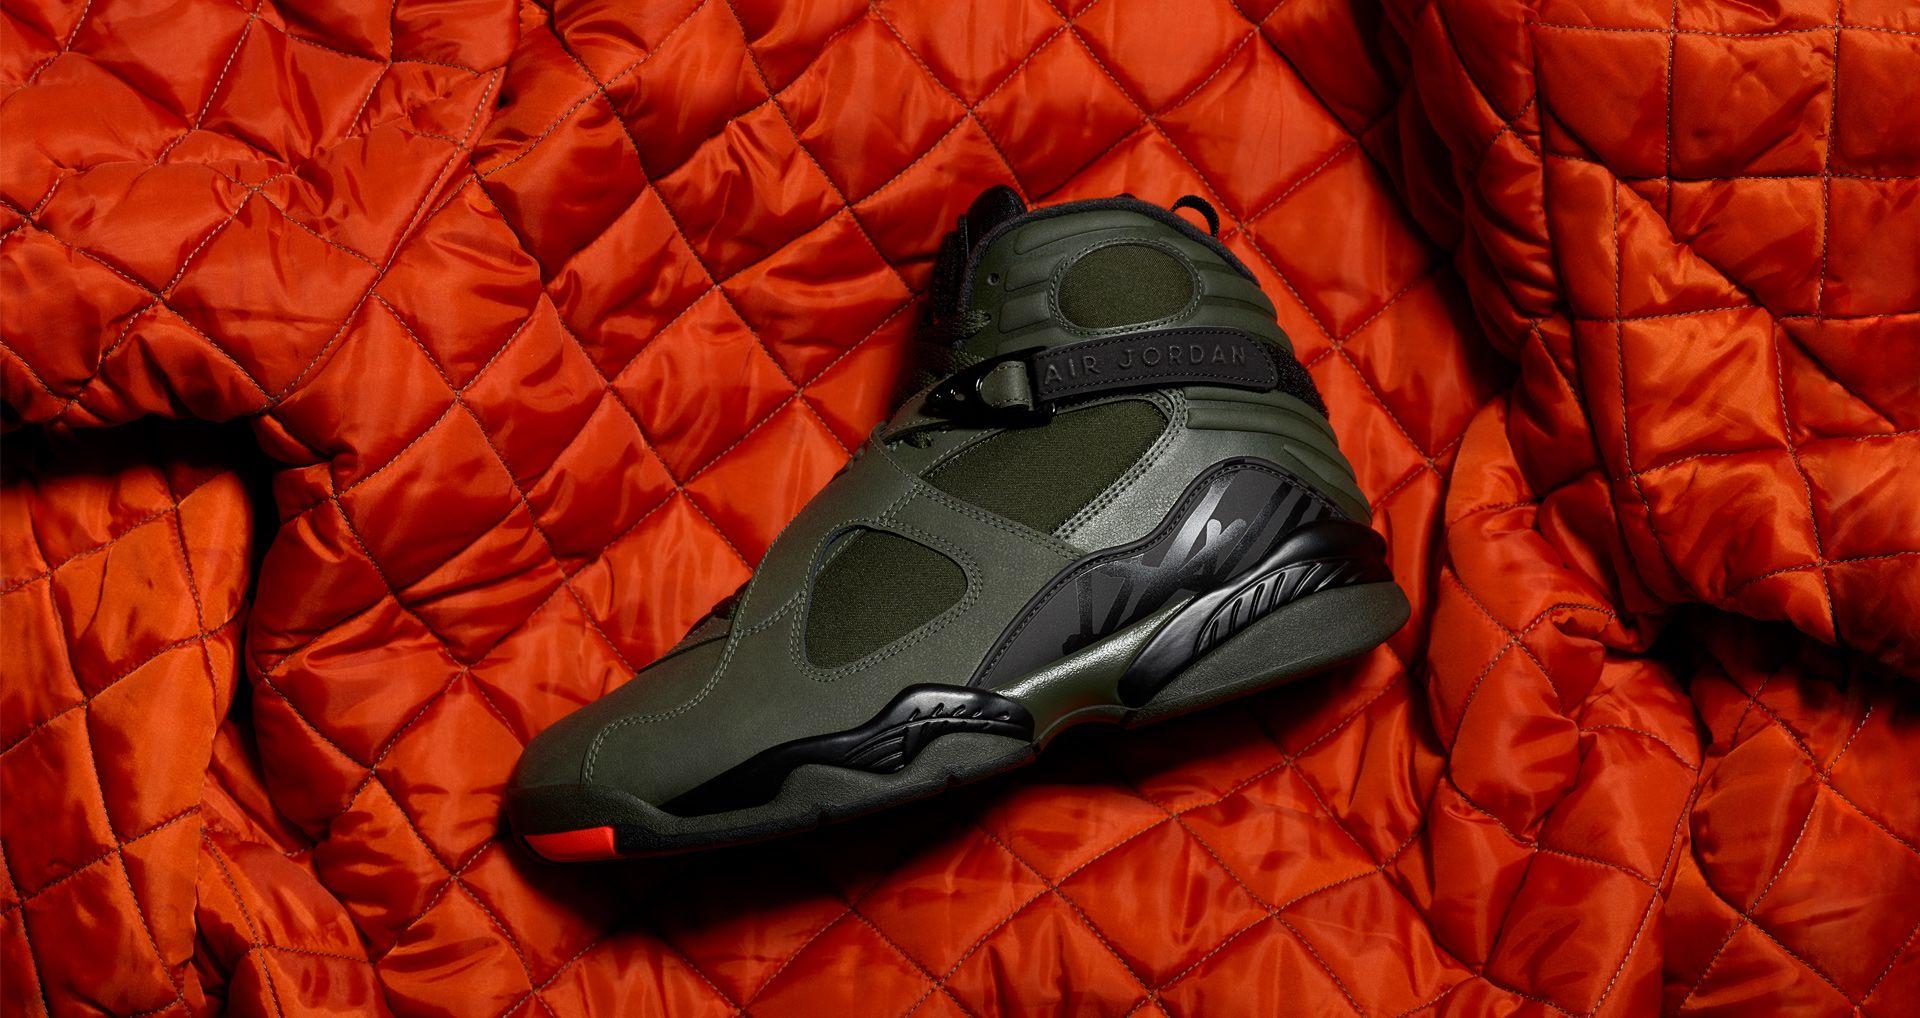 414065dcea29 Air Jordan 8 Retro  Sequoia   Max Orange . Nike+ SNKRS